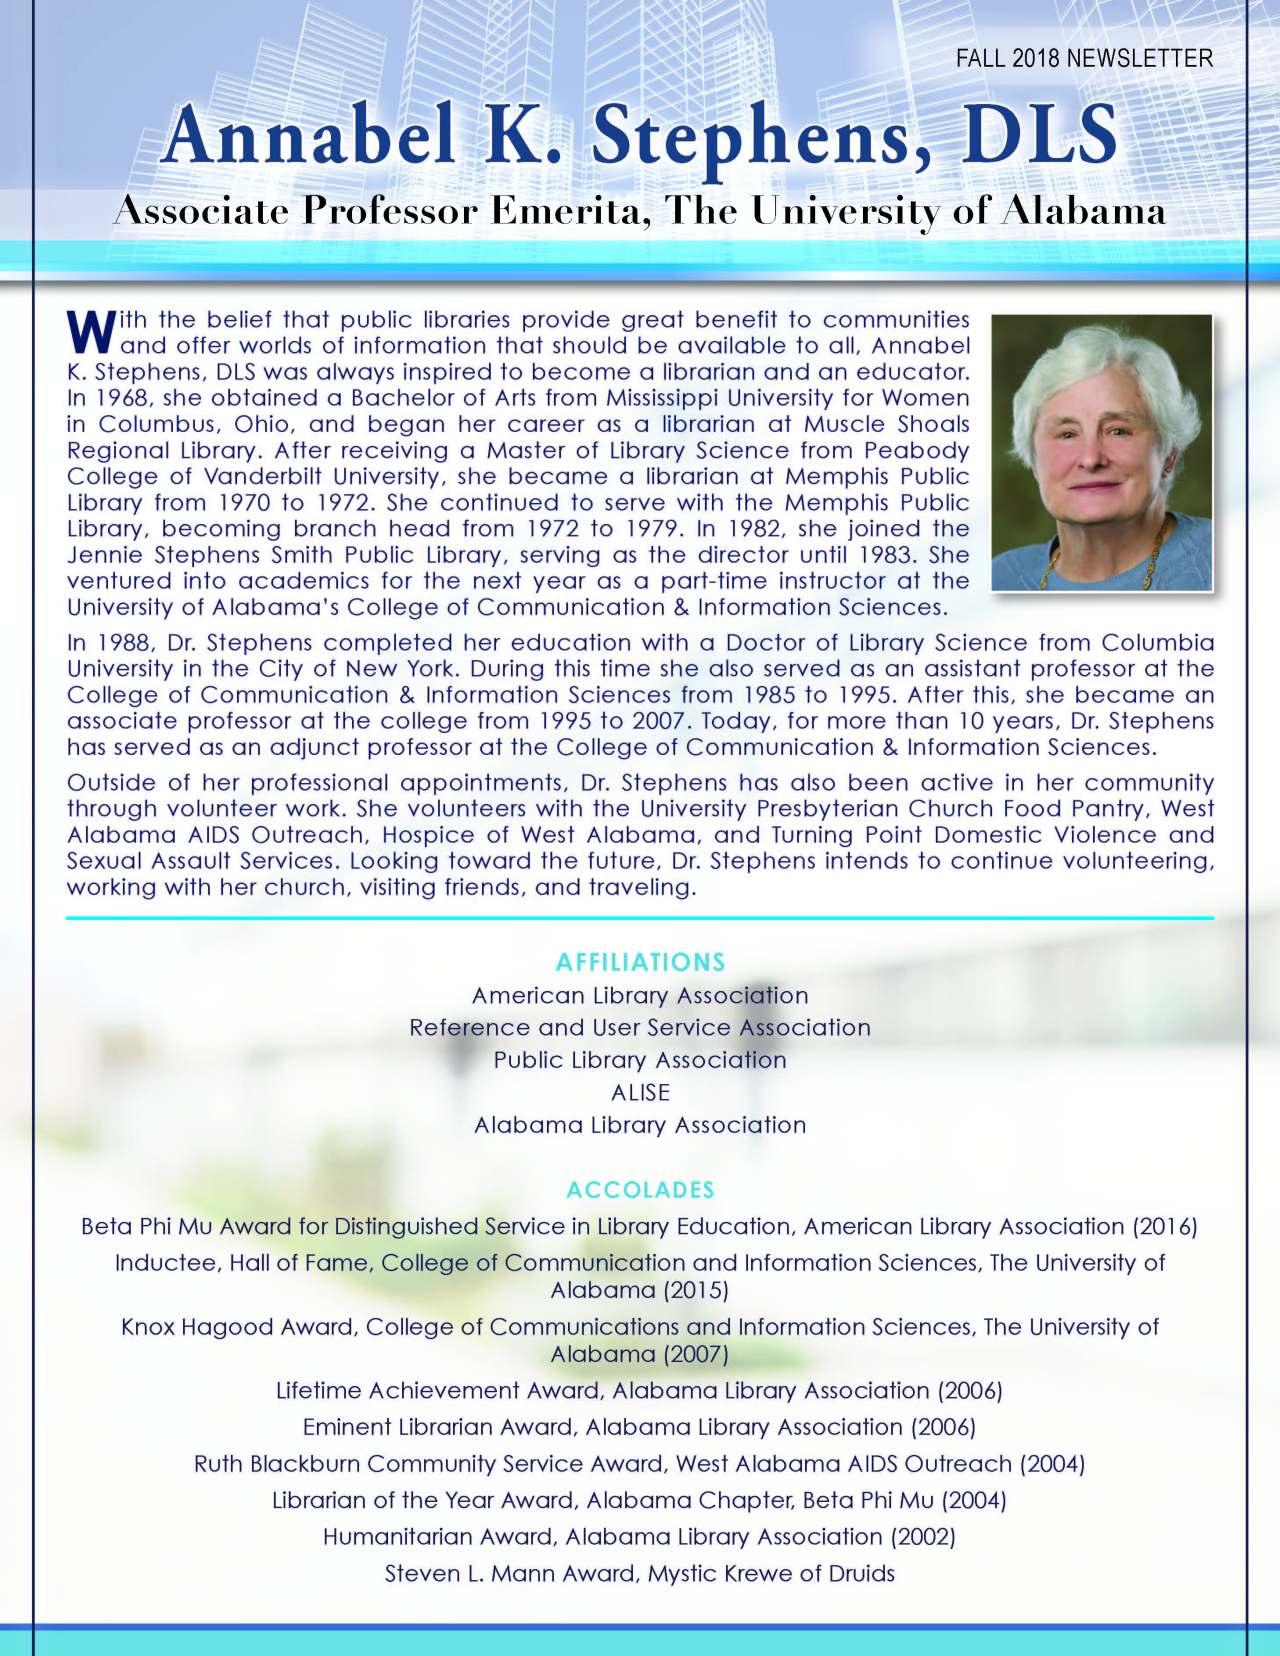 Stephens, Annabel 2205323_33366225 Newsletter.jpg